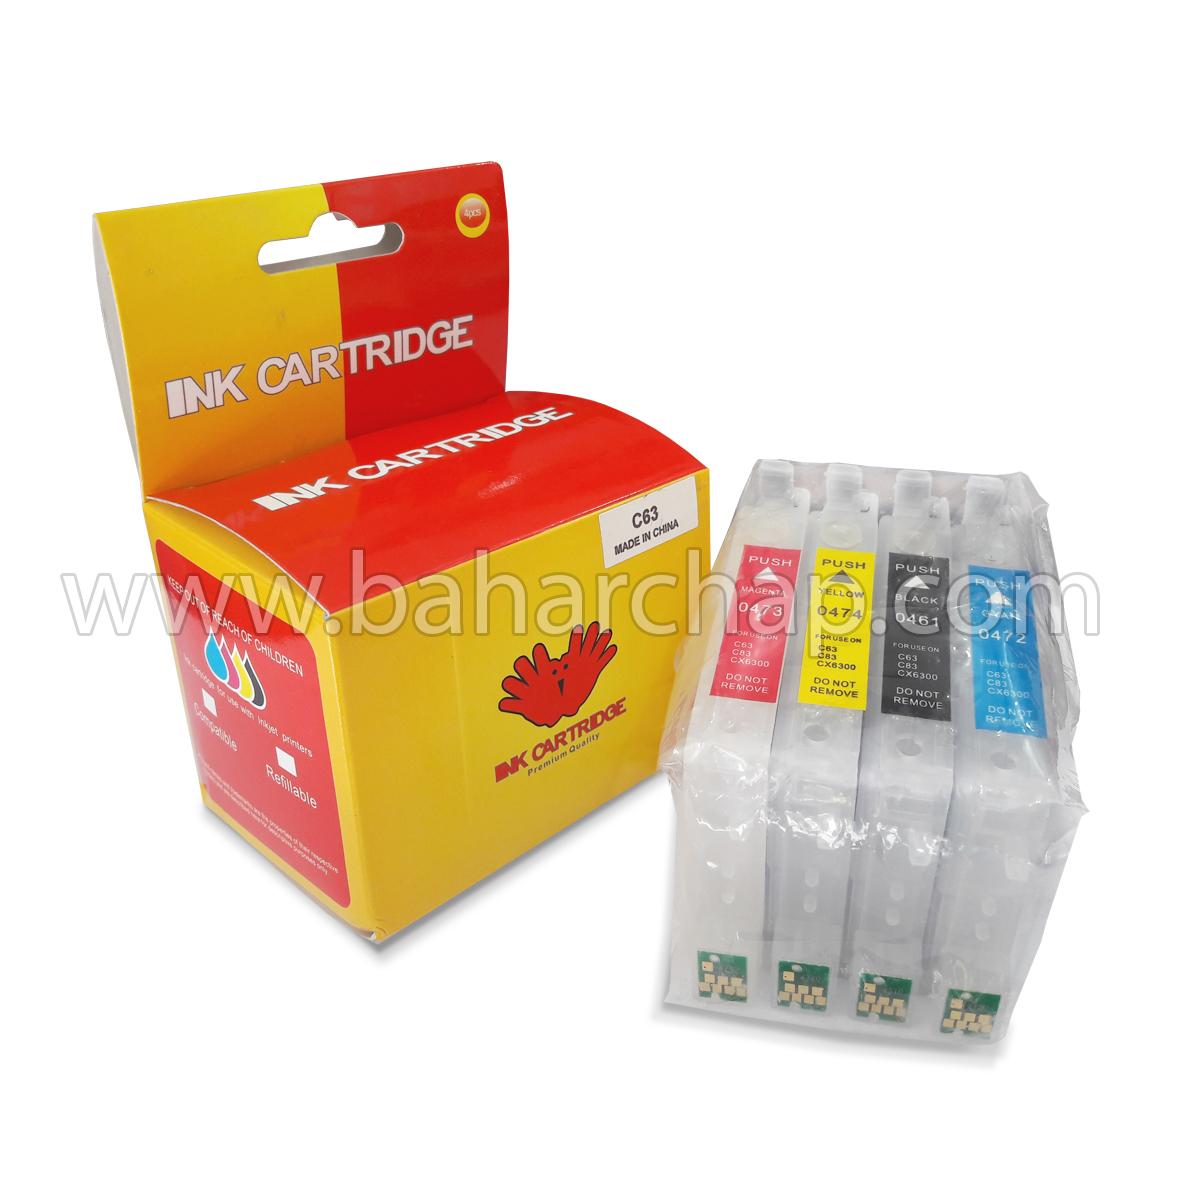 فروشگاه و خدمات اینترنتی بهارچاپ اصفهان-کارتریج های قابل شارژ اپسون C63-Rechargeable cartridges for Epson